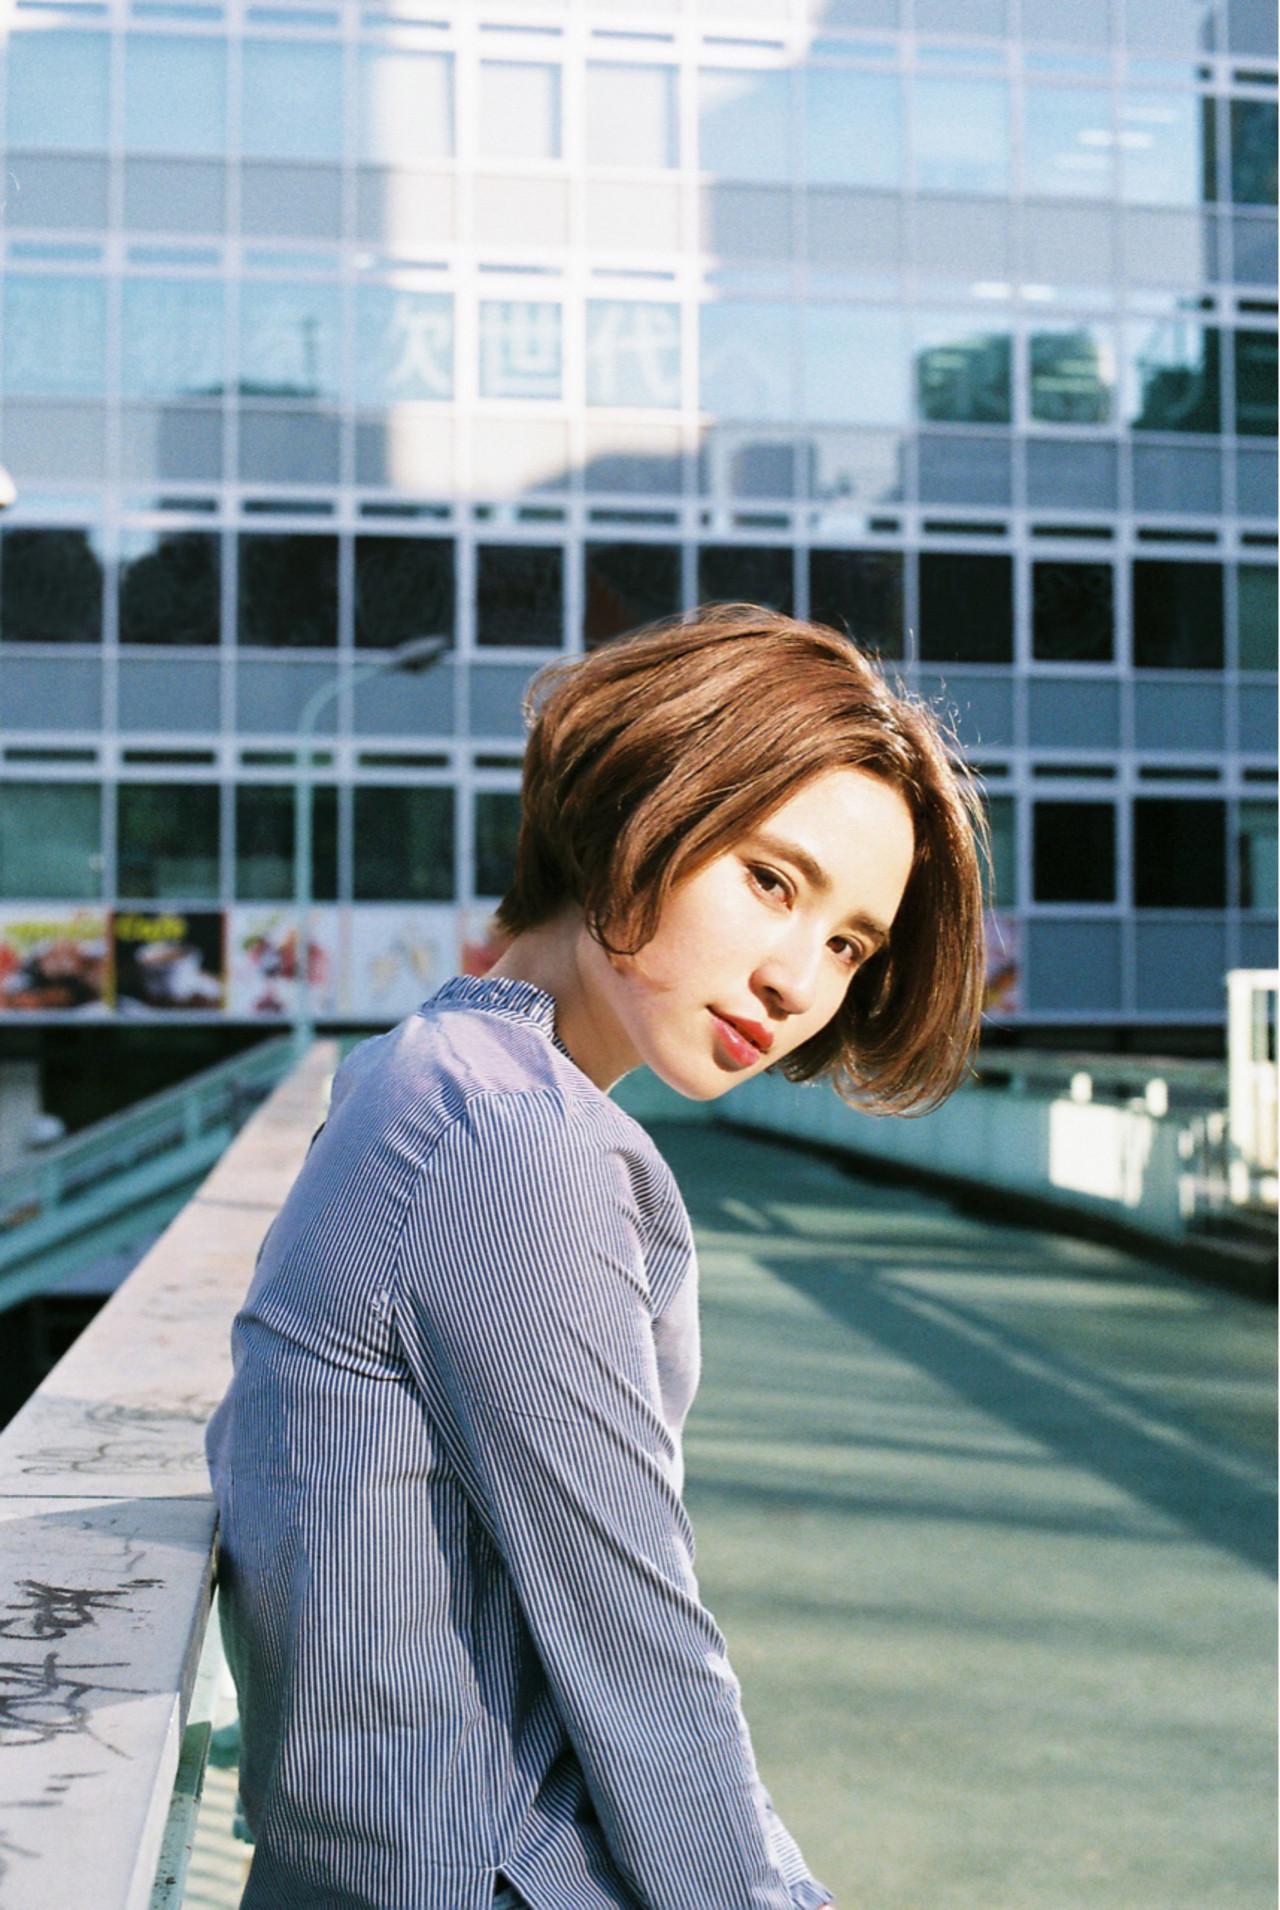 ナチュラル ショート 色気 大人かわいい ヘアスタイルや髪型の写真・画像 | 菅沼宏恵 /